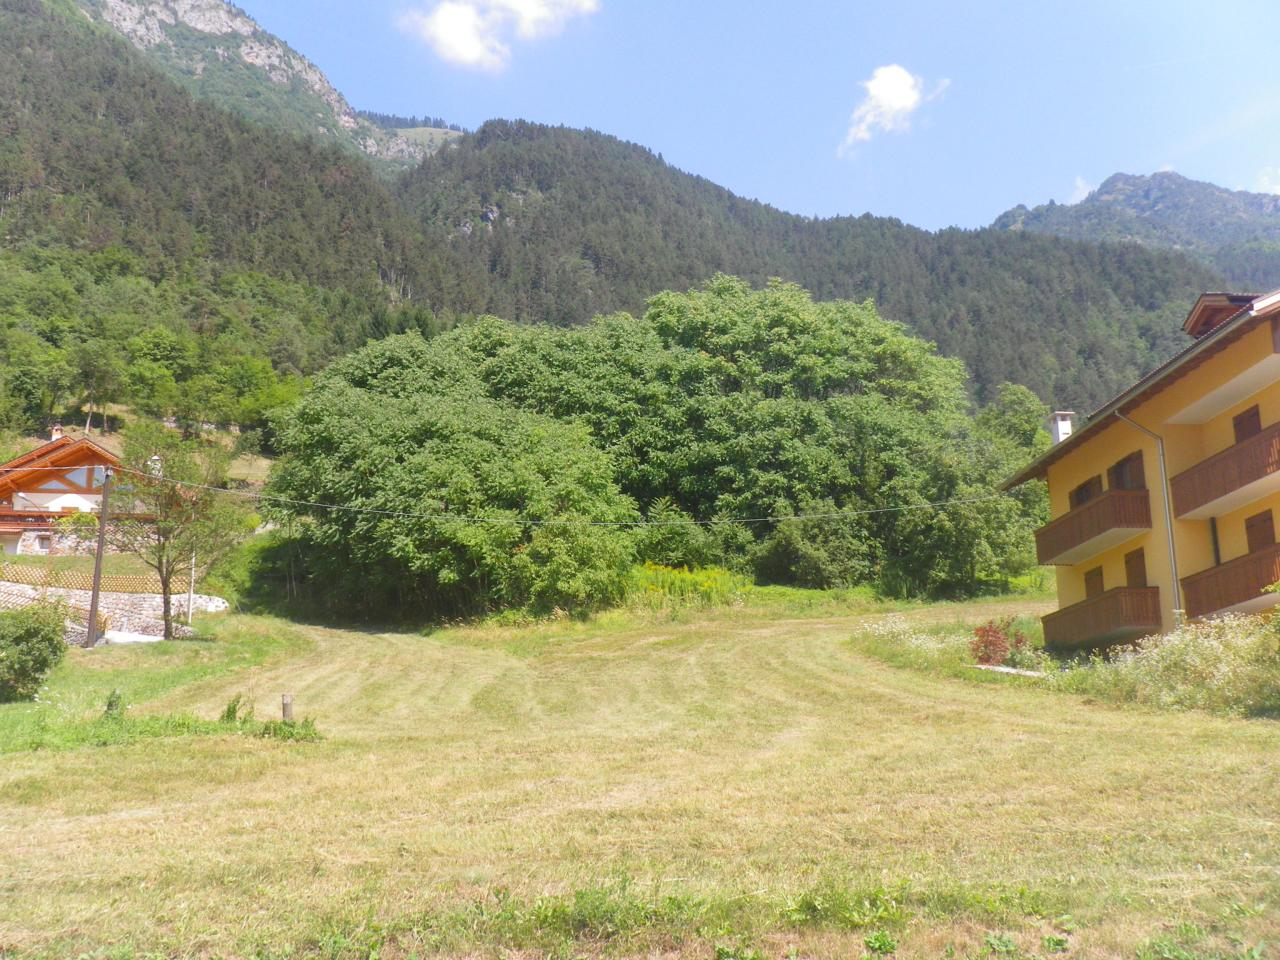 Terreno Edificabile Residenziale in vendita a Ragoli, 9999 locali, prezzo € 115.000 | CambioCasa.it